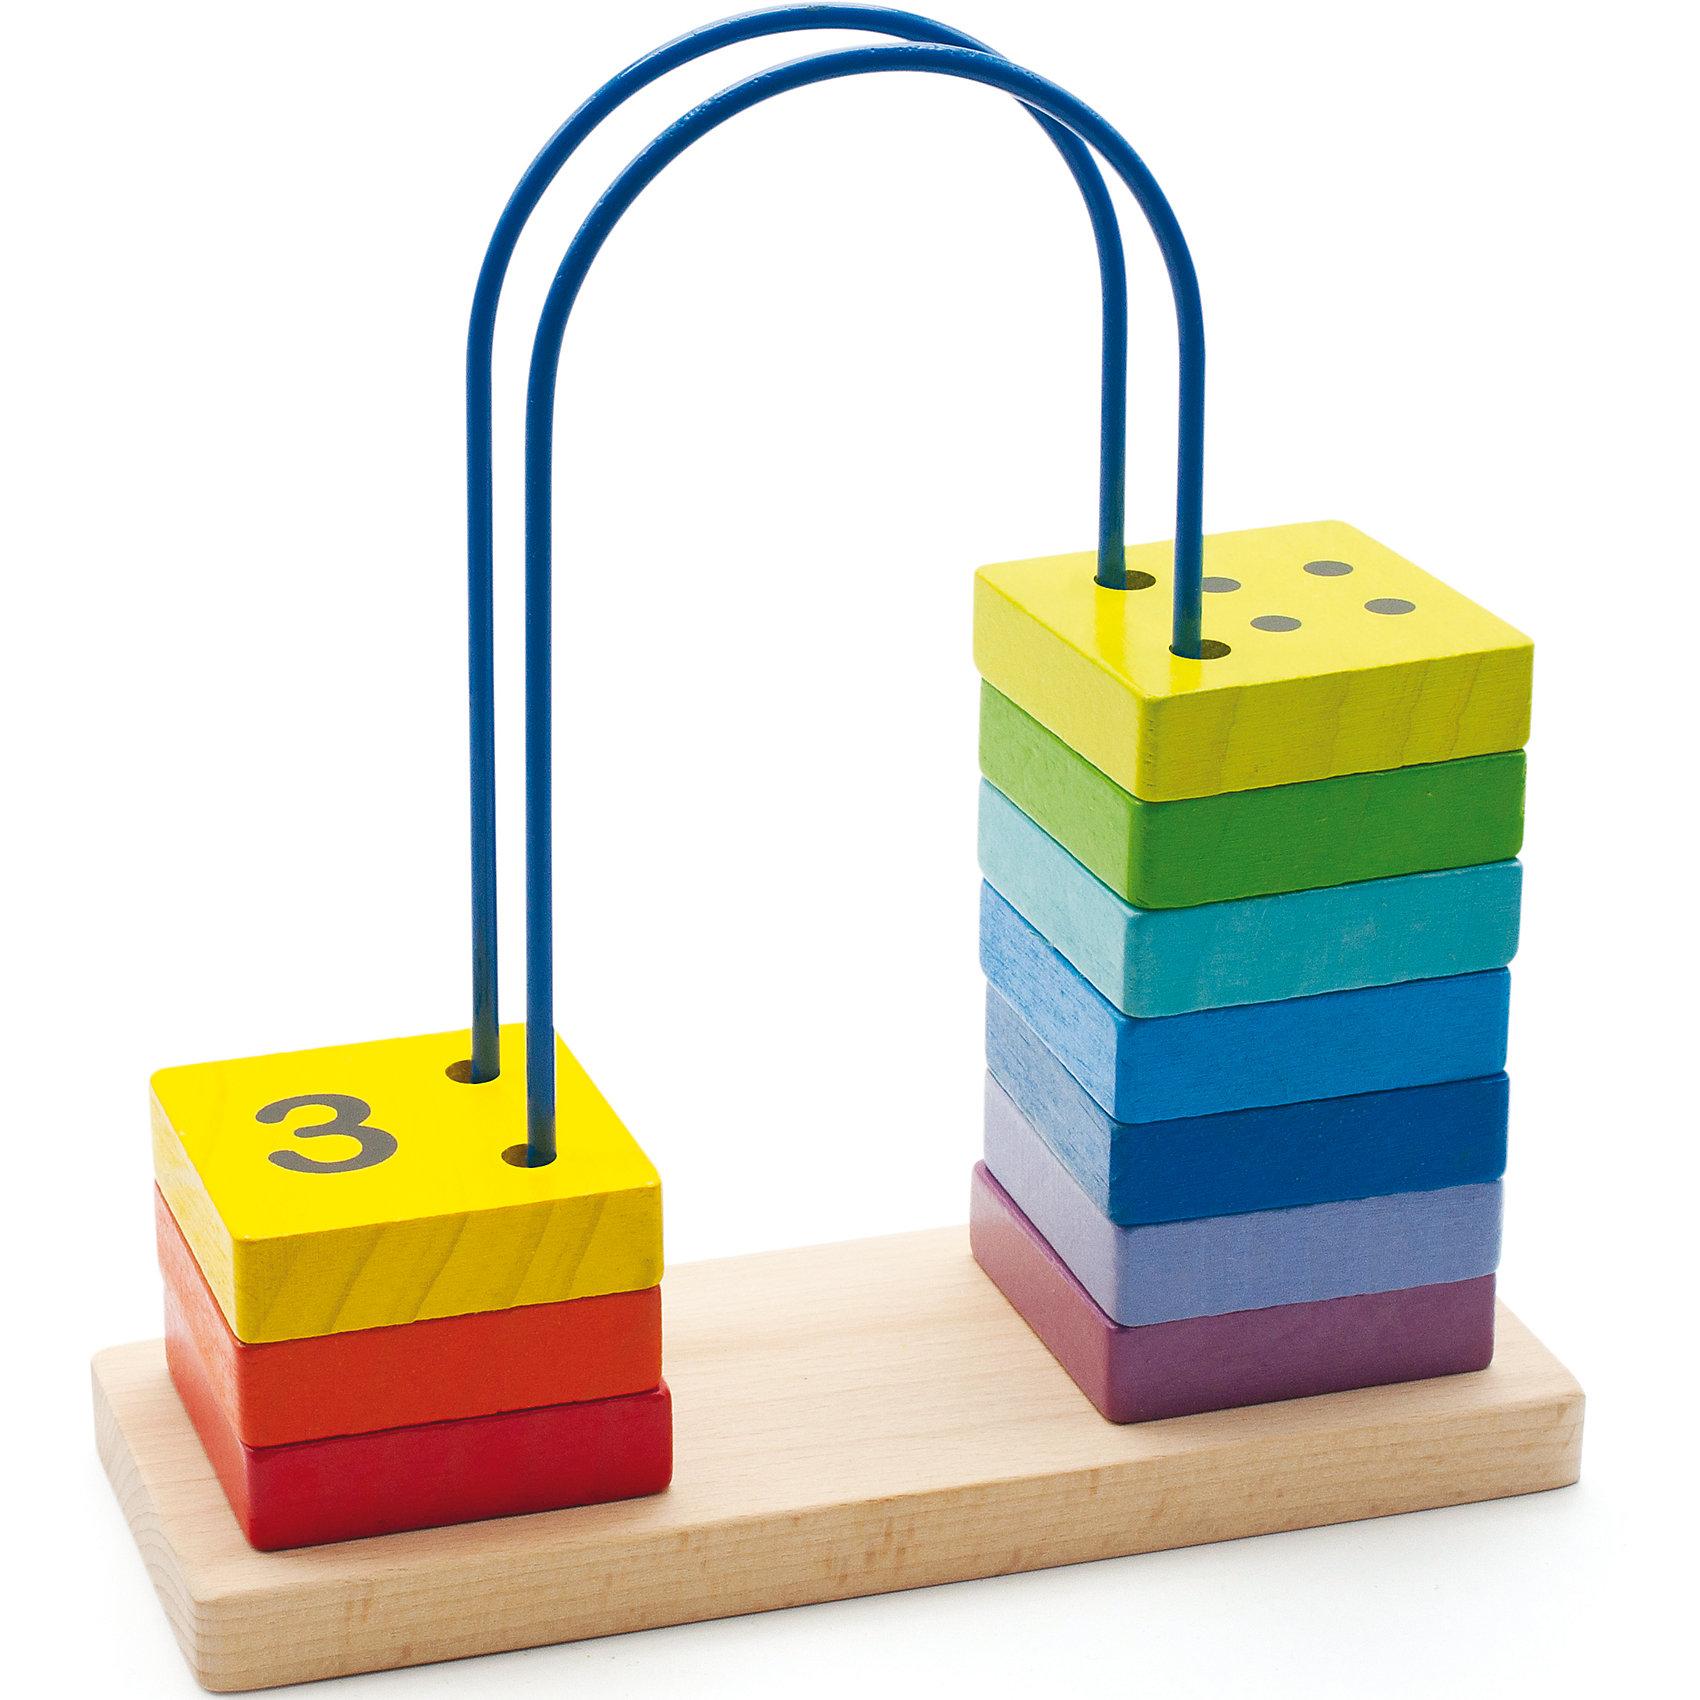 Счеты большие, Мир деревянных игрушекОбучающие книги<br>Запоминать цифры можно, играя! Специально для самых маленьких разработаны яркие счеты, сделанные из приятного на ощупь дерева, тщательно обработанного и окрашенного. Перекидывая квадратики с цифрами, малыш будет запоминать их, учиться распознавать цвета, развивать пространственное мышление, память и мелкую моторику. Эти счеты произведены из качественных и безопасных для детей материалов.<br><br>Дополнительная информация:<br><br>цвет: разноцветный;<br>материал: дерево;<br>размер: 22 х 10 х 23 см.<br><br>Счеты большие от бренда Мир деревянных игрушек можно купить в нашем магазине.<br><br>Ширина мм: 220<br>Глубина мм: 100<br>Высота мм: 230<br>Вес г: 800<br>Возраст от месяцев: 36<br>Возраст до месяцев: 84<br>Пол: Унисекс<br>Возраст: Детский<br>SKU: 4969274